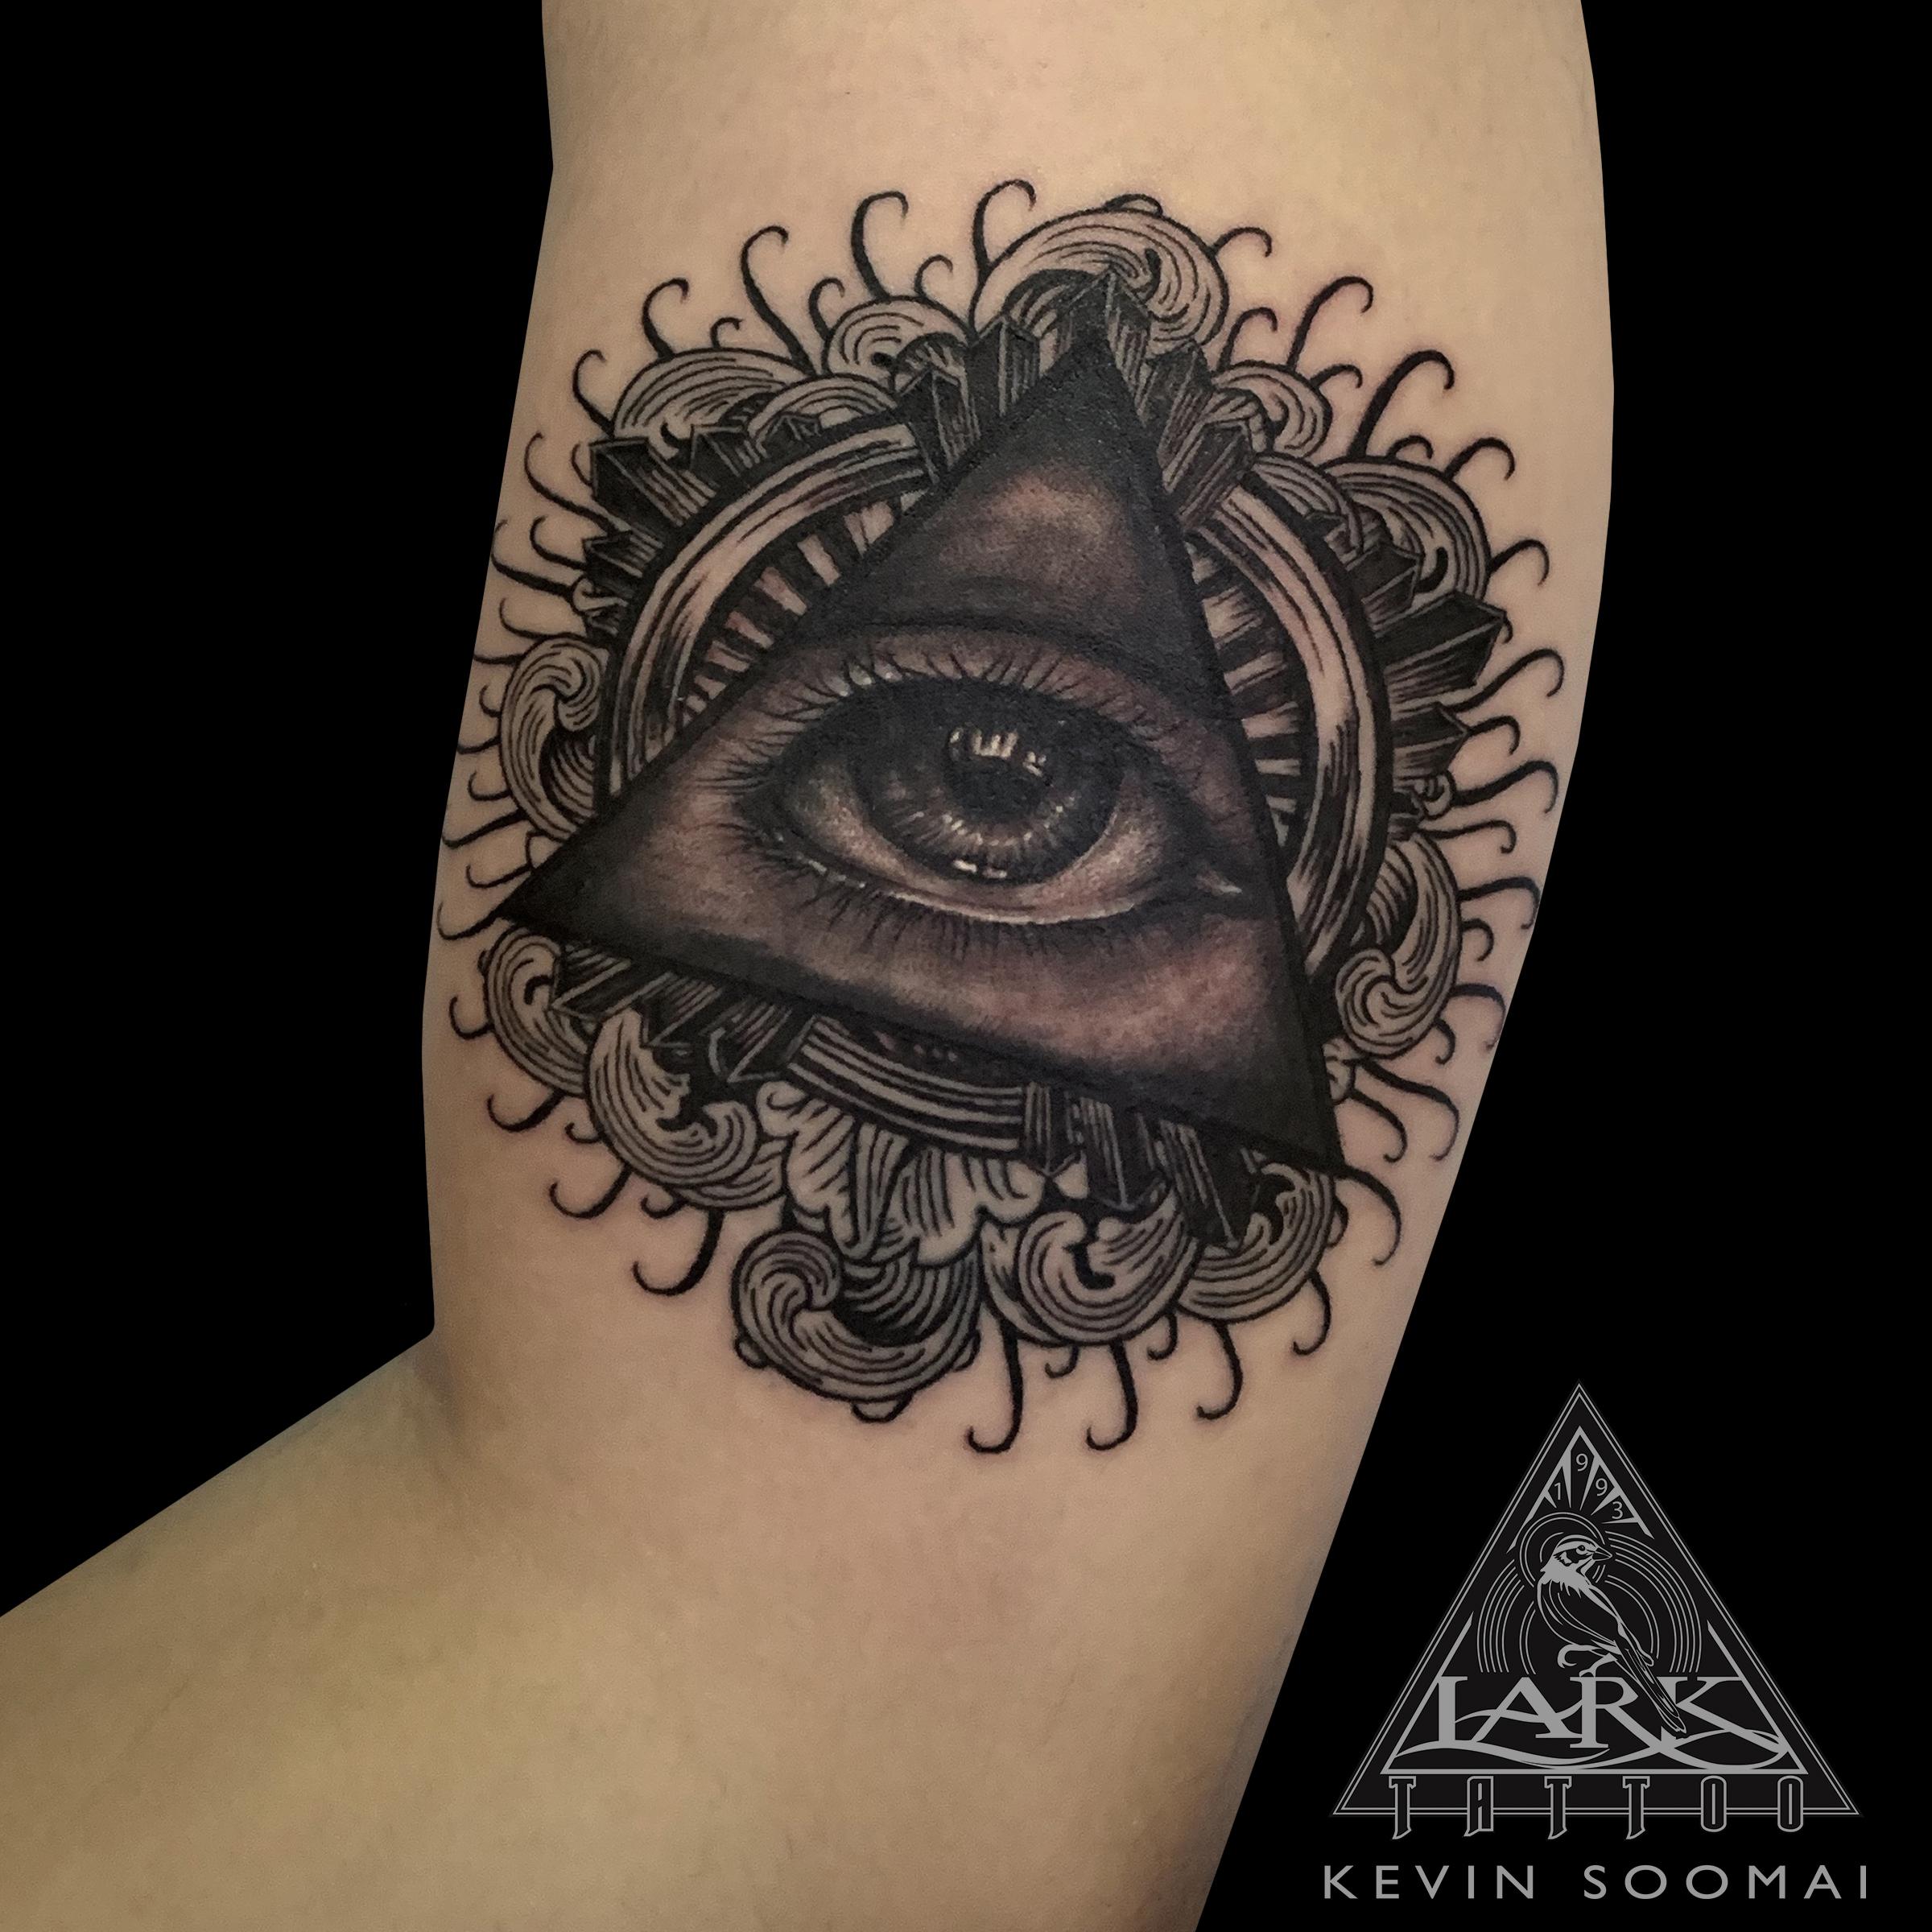 #Eye #EyeTattoo #Filagree #FilagreeTattoo #Linework #LineworkTattoo #Pyramid #PyramidTattoo #BNG #BNGTattoo #BlackAndGrey #BlackAndGreyTattoo #BlackAndGray #BlackAndGrayTattoo #Realism #RealismTattoo #Realistic #RealisticTattoo #LarkTattoo #LongIslandTattooArtist #LongIslandTattooer #Tattoo #Tattoos #Tat #Tats #Tatts #Tatted #Tattedup #Tattoist #TattooArtist #Tattooer #Tattooed #Inked #InkedUp #Ink #TattooOfTheDay #AmazingInk #BodyArt #LarkTattooWestbury #Westbury #LongIsland #NY #NewYork #USA #Art